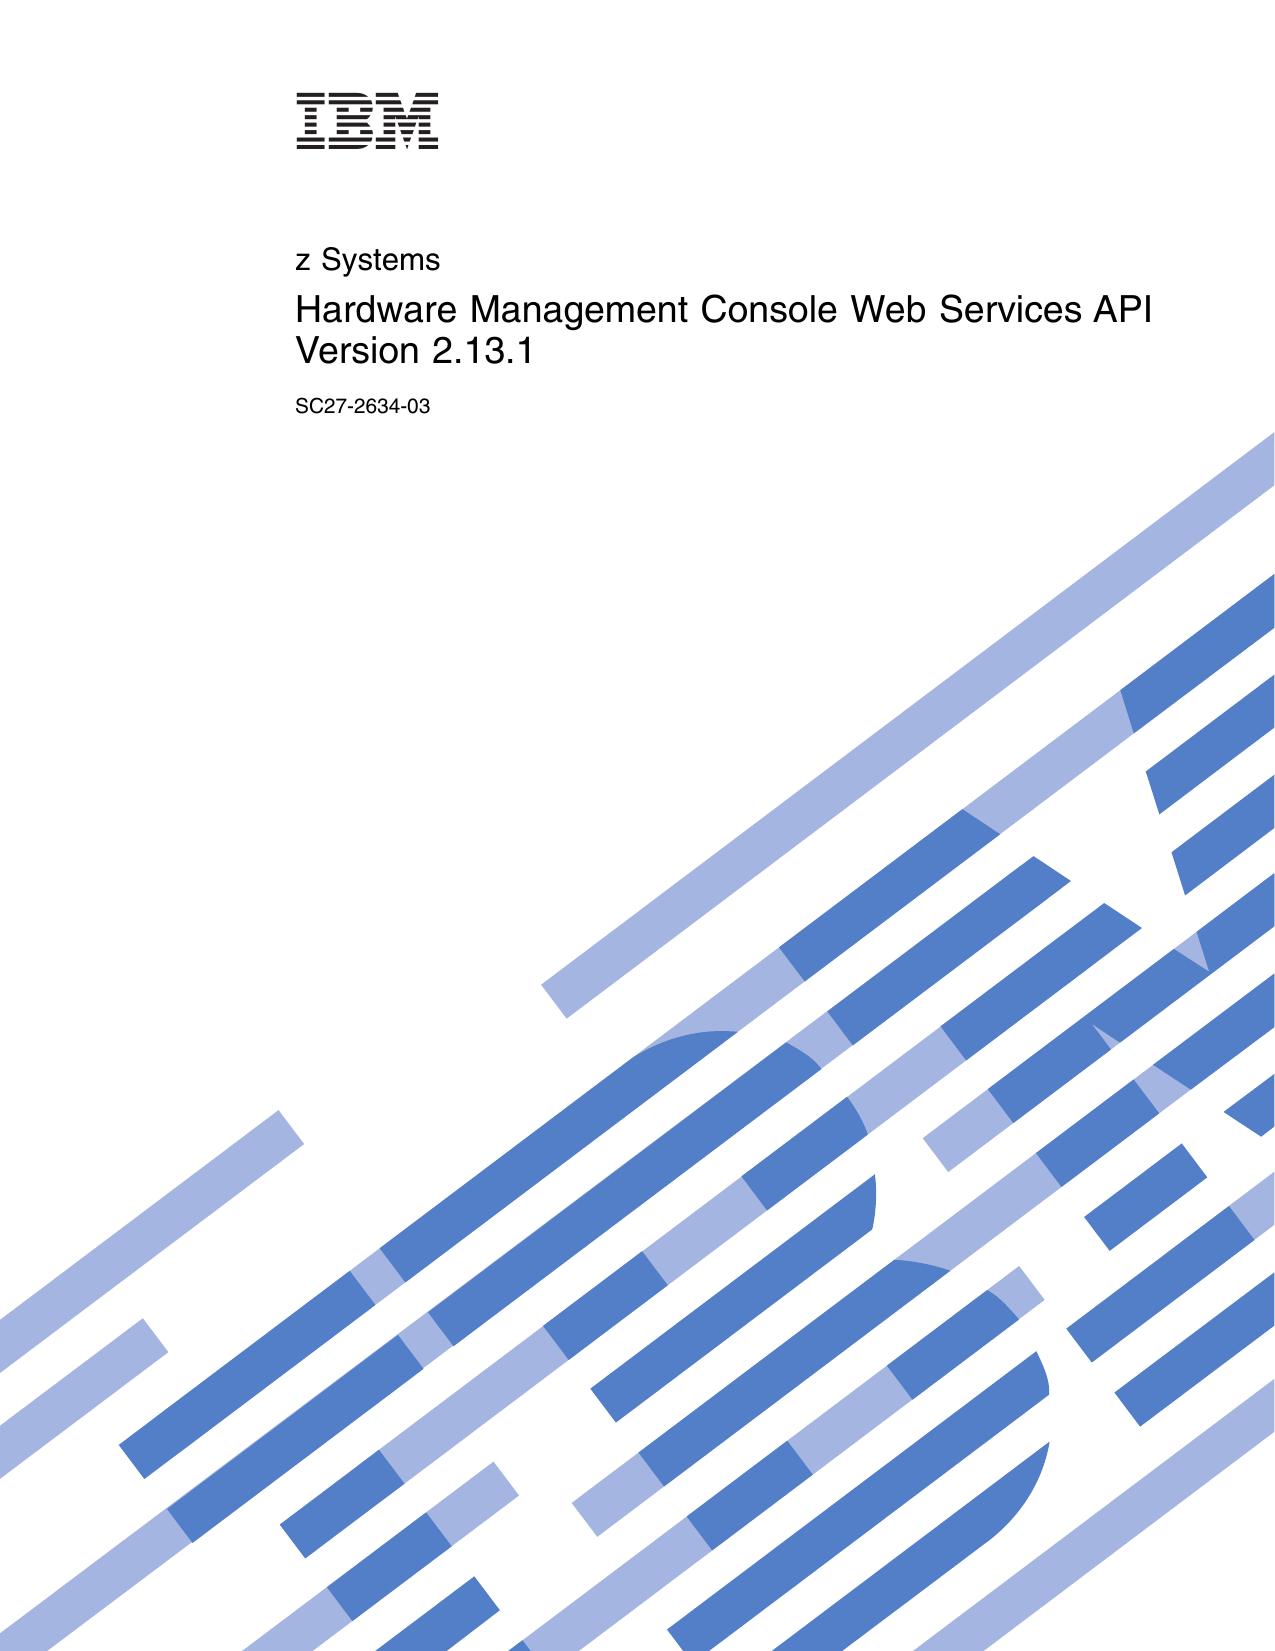 HMC Web Services API   manualzz com